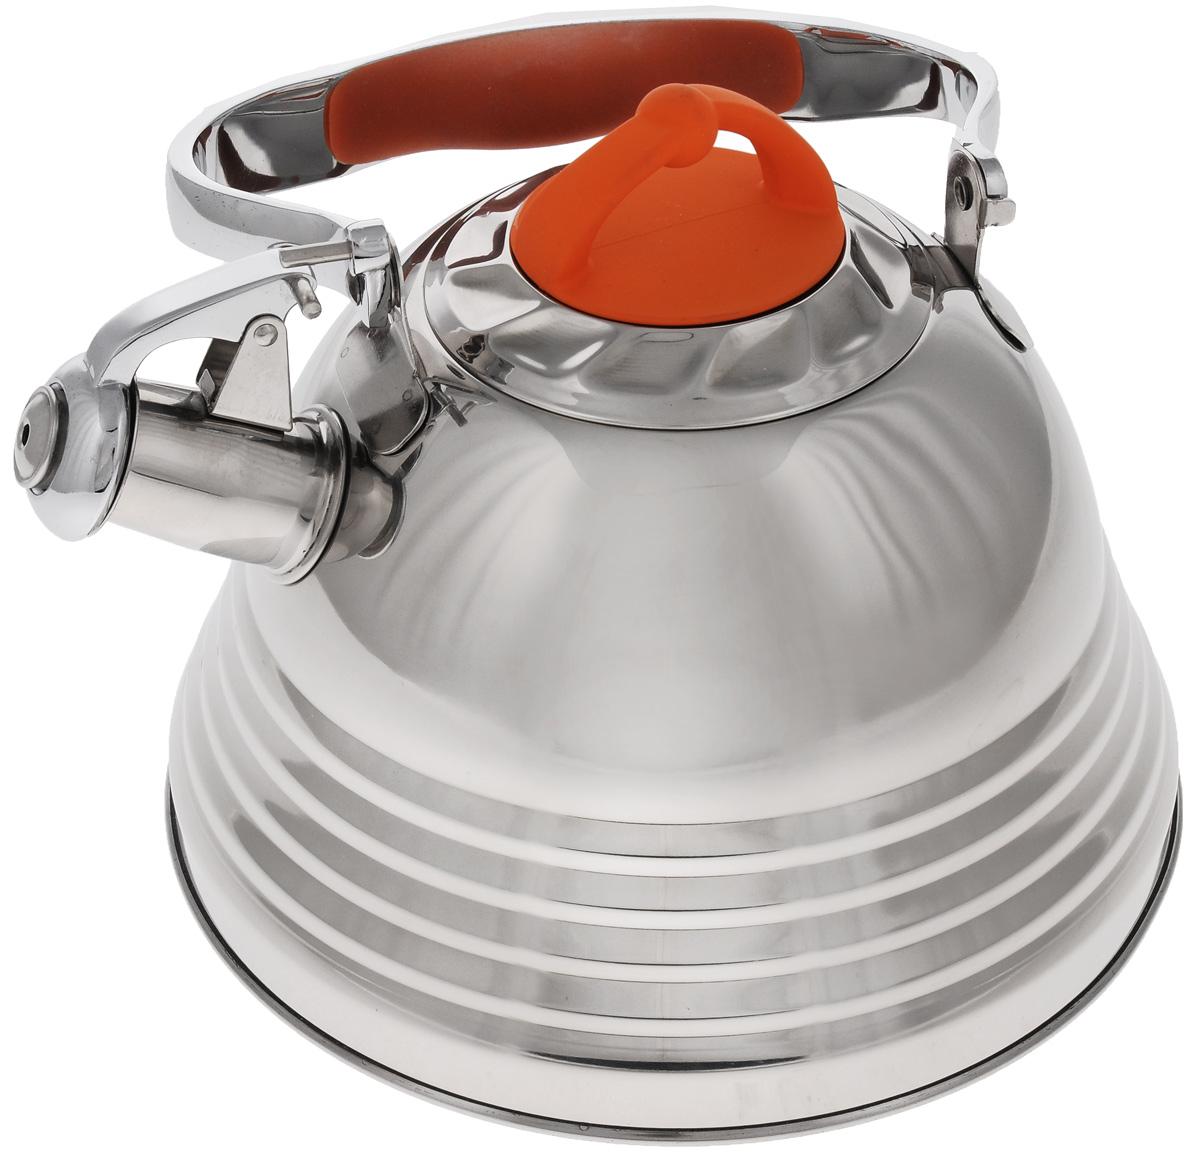 Чайник Mayer & Boch, со свистком, 3 л. 2278622786Чайник Mayer & Boch выполнен из высококачественной нержавеющей стали, что делает его весьма гигиеничным и устойчивым к износу при длительном использовании. Носик чайника оснащен насадкой-свистком, что позволит вам контролировать процесс подогрева или кипячения воды. Ручка, выполненная из стали с бакелитовой вставкой, делает использование чайника очень удобным и безопасным. Поверхность чайника гладкая, что облегчает уход за ним. Эстетичный и функциональный чайник будет оригинально смотреться в любом интерьере.Подходит для газовых, электрических, стеклокерамических и индукционных плит. Можно мыть в посудомоечной машине.Высота чайника (без учета ручки и крышки): 13 см.Высота чайника ( с учетом ручки и крышки): 25 см.Диаметр основания: 22 см.Диаметр индукционного диска: 17,5 см.Диаметр чайника (по верхнему краю): 10 см.